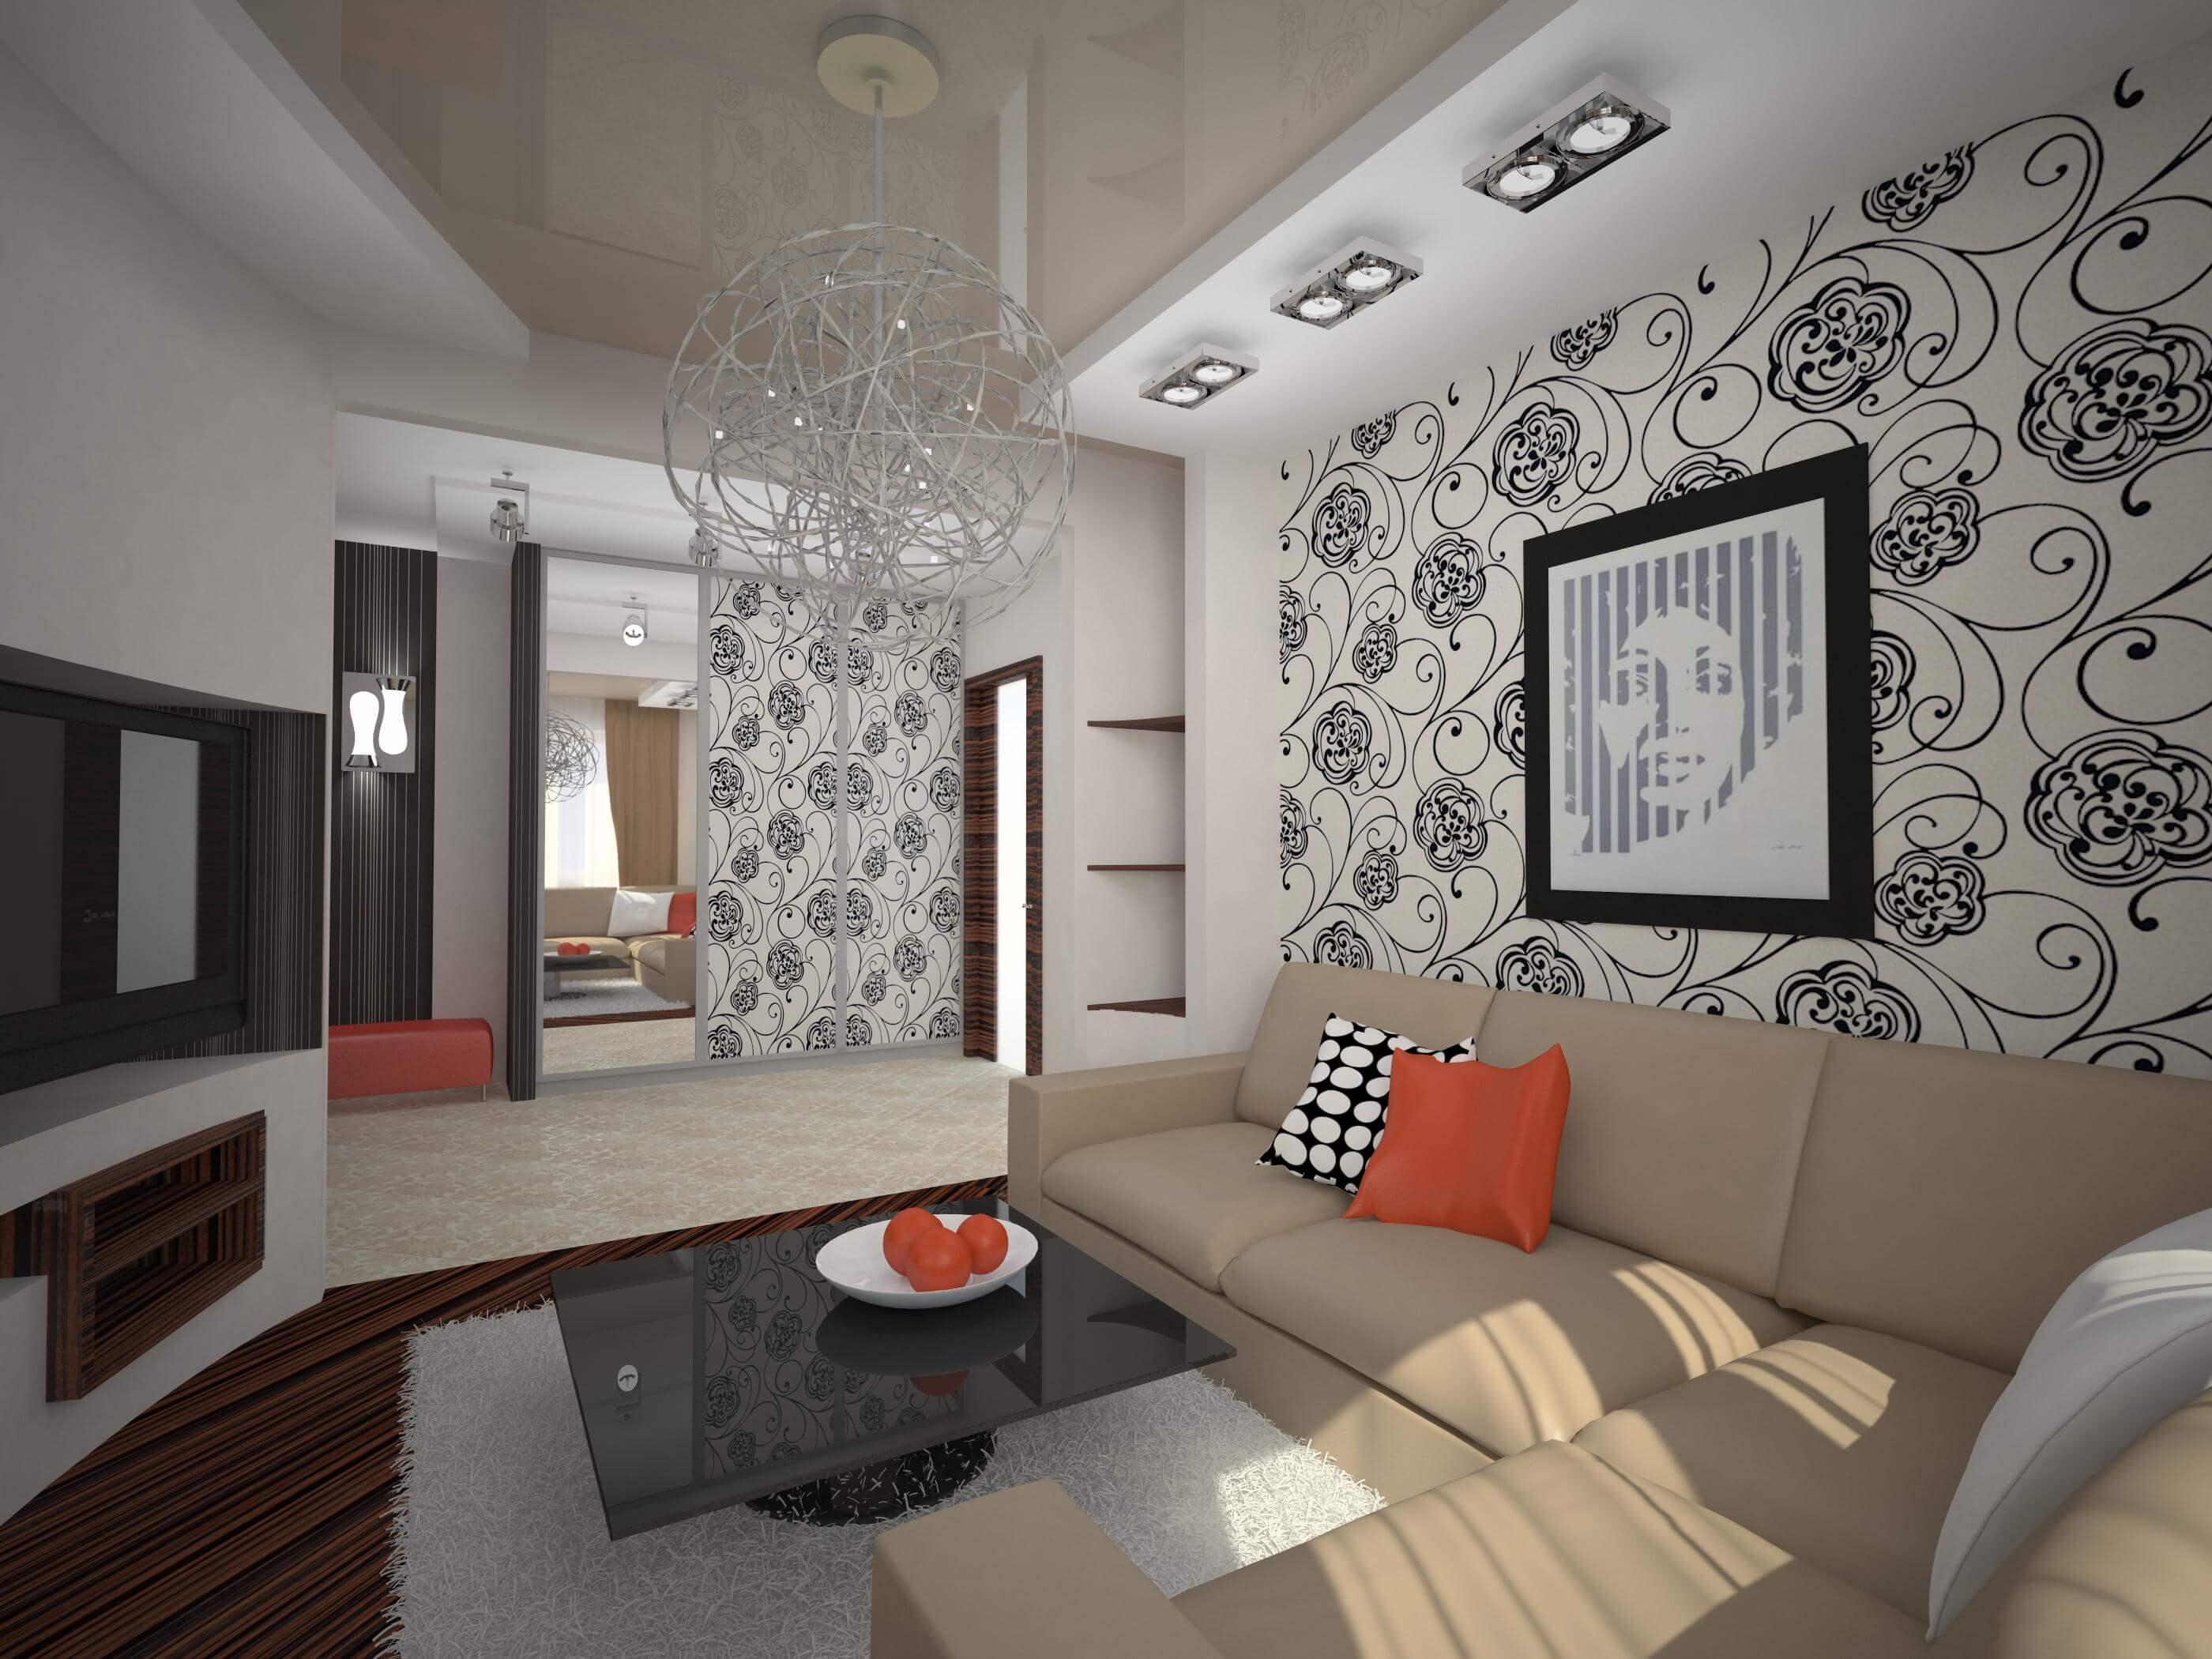 Фото ремонта зала и спальни в квартире